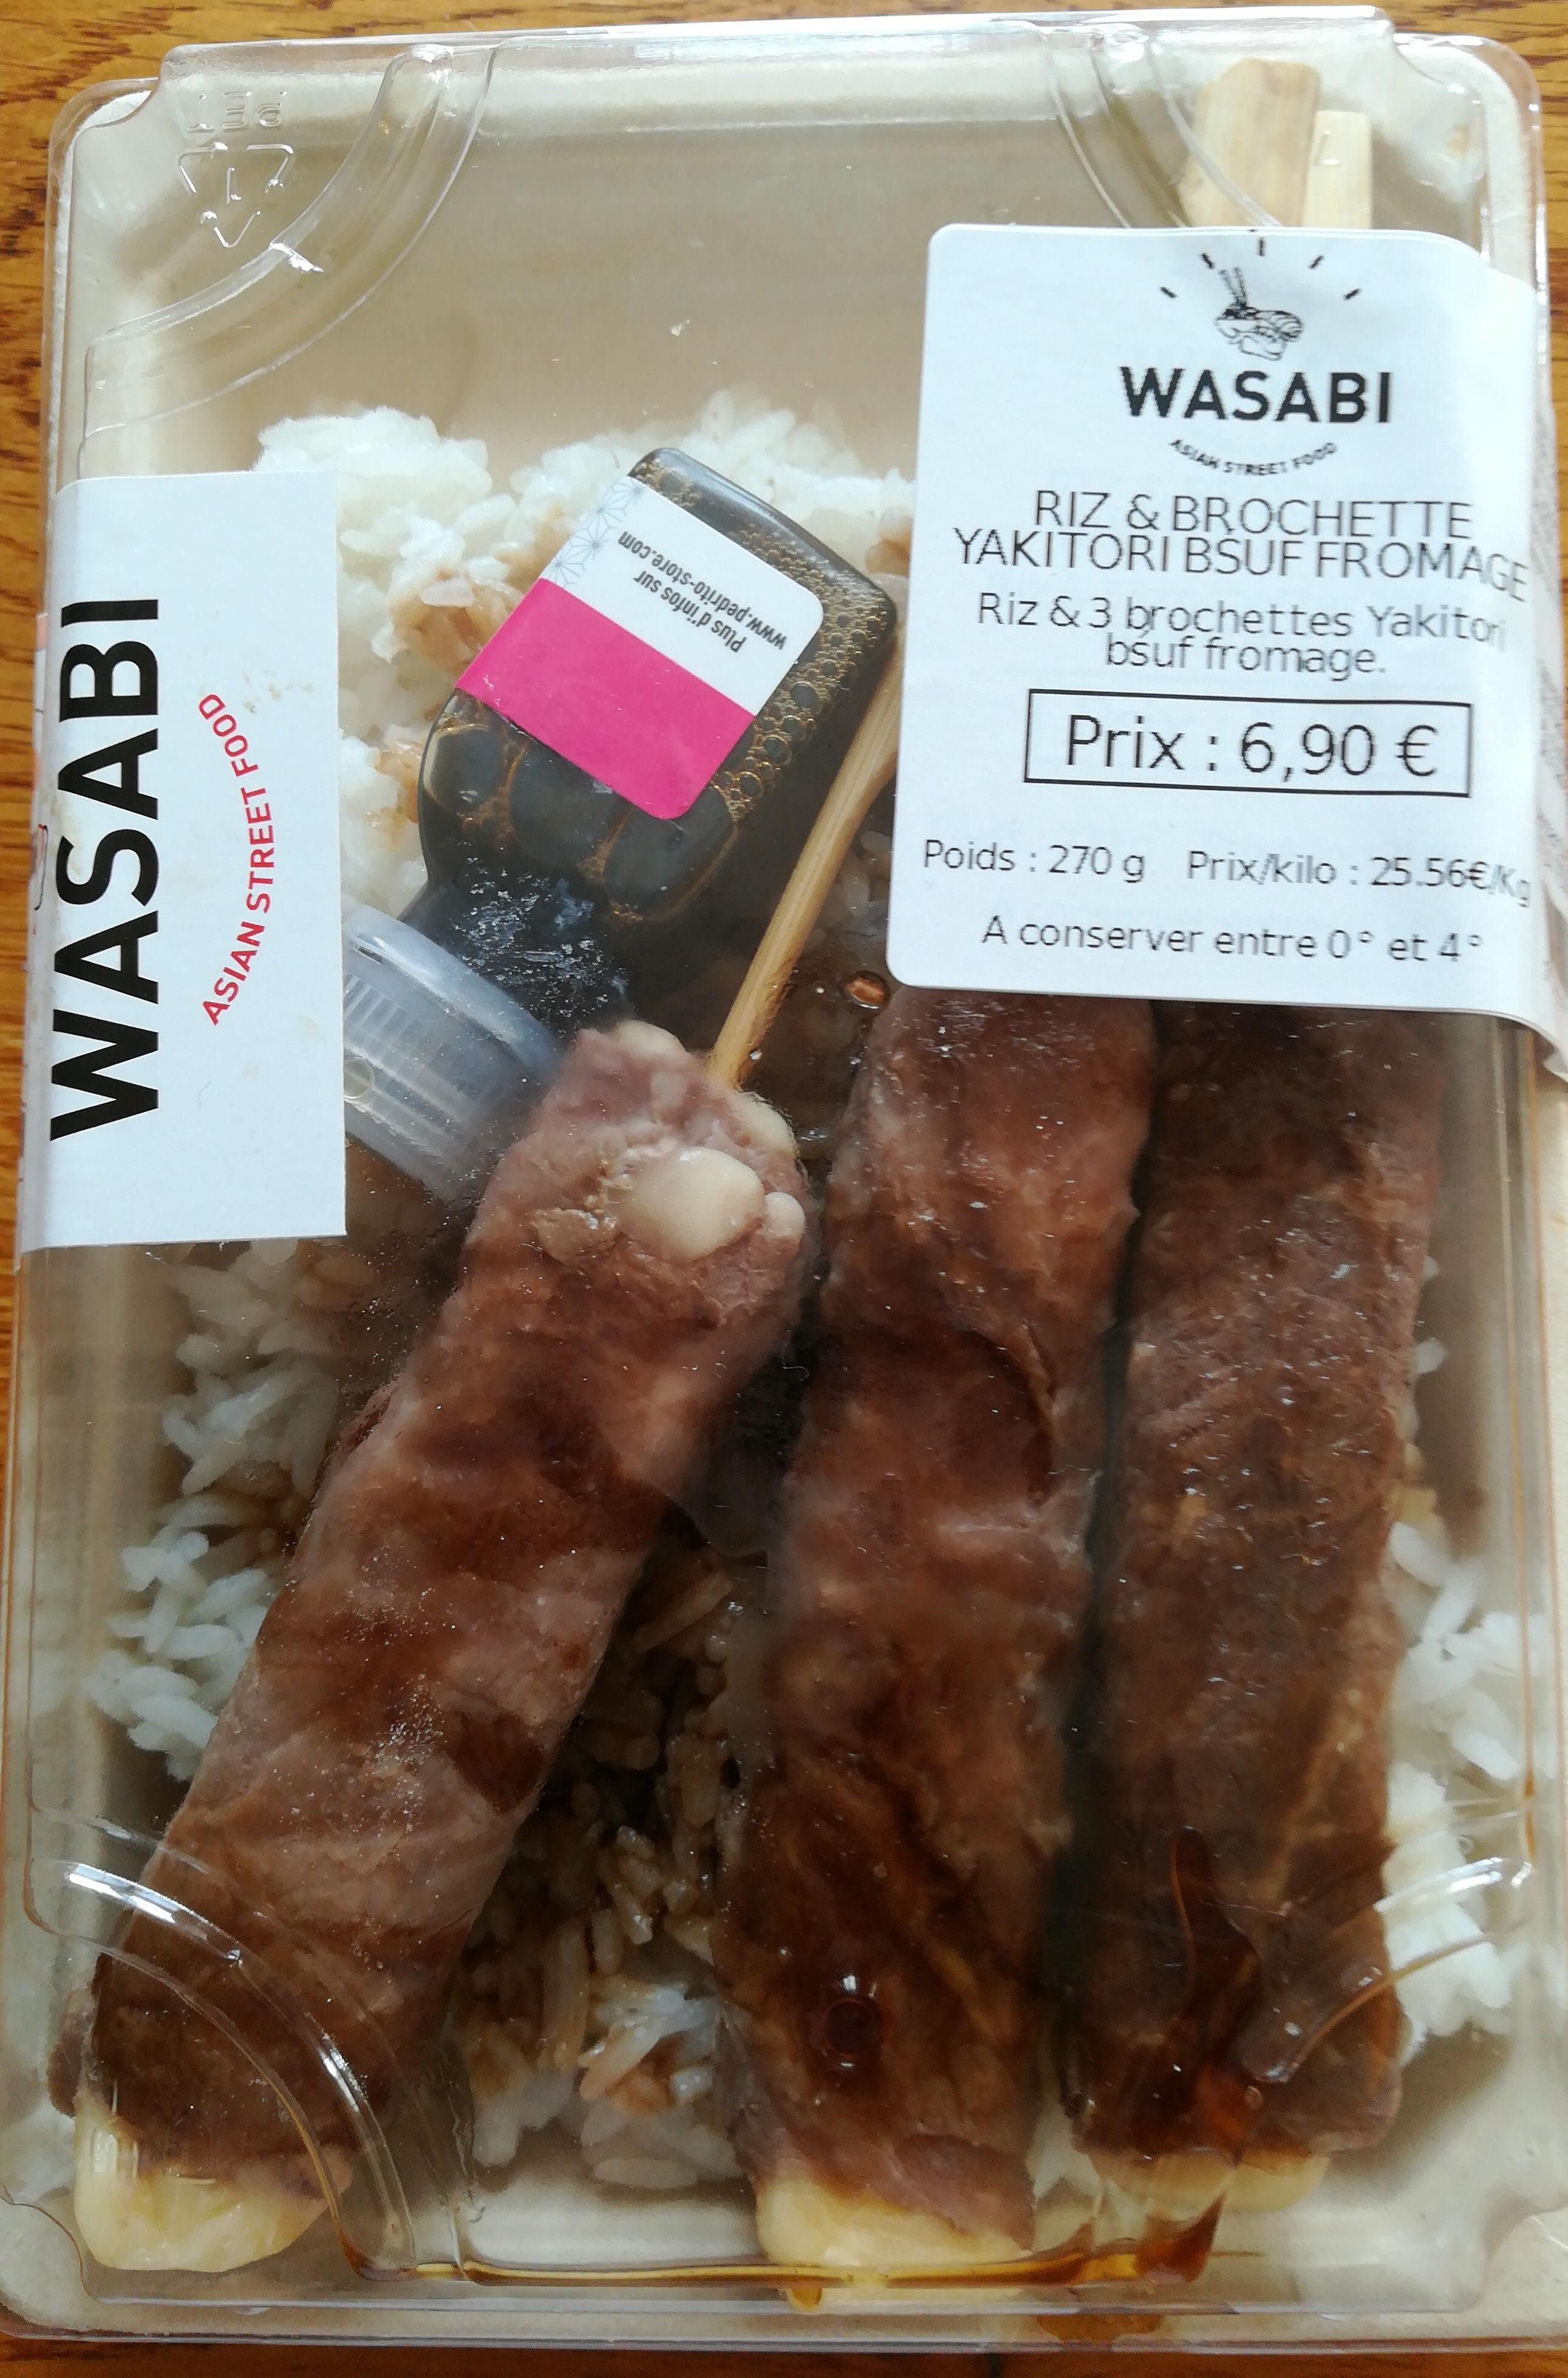 Riz et brochette yakitori Boeuf Fromage - Produit